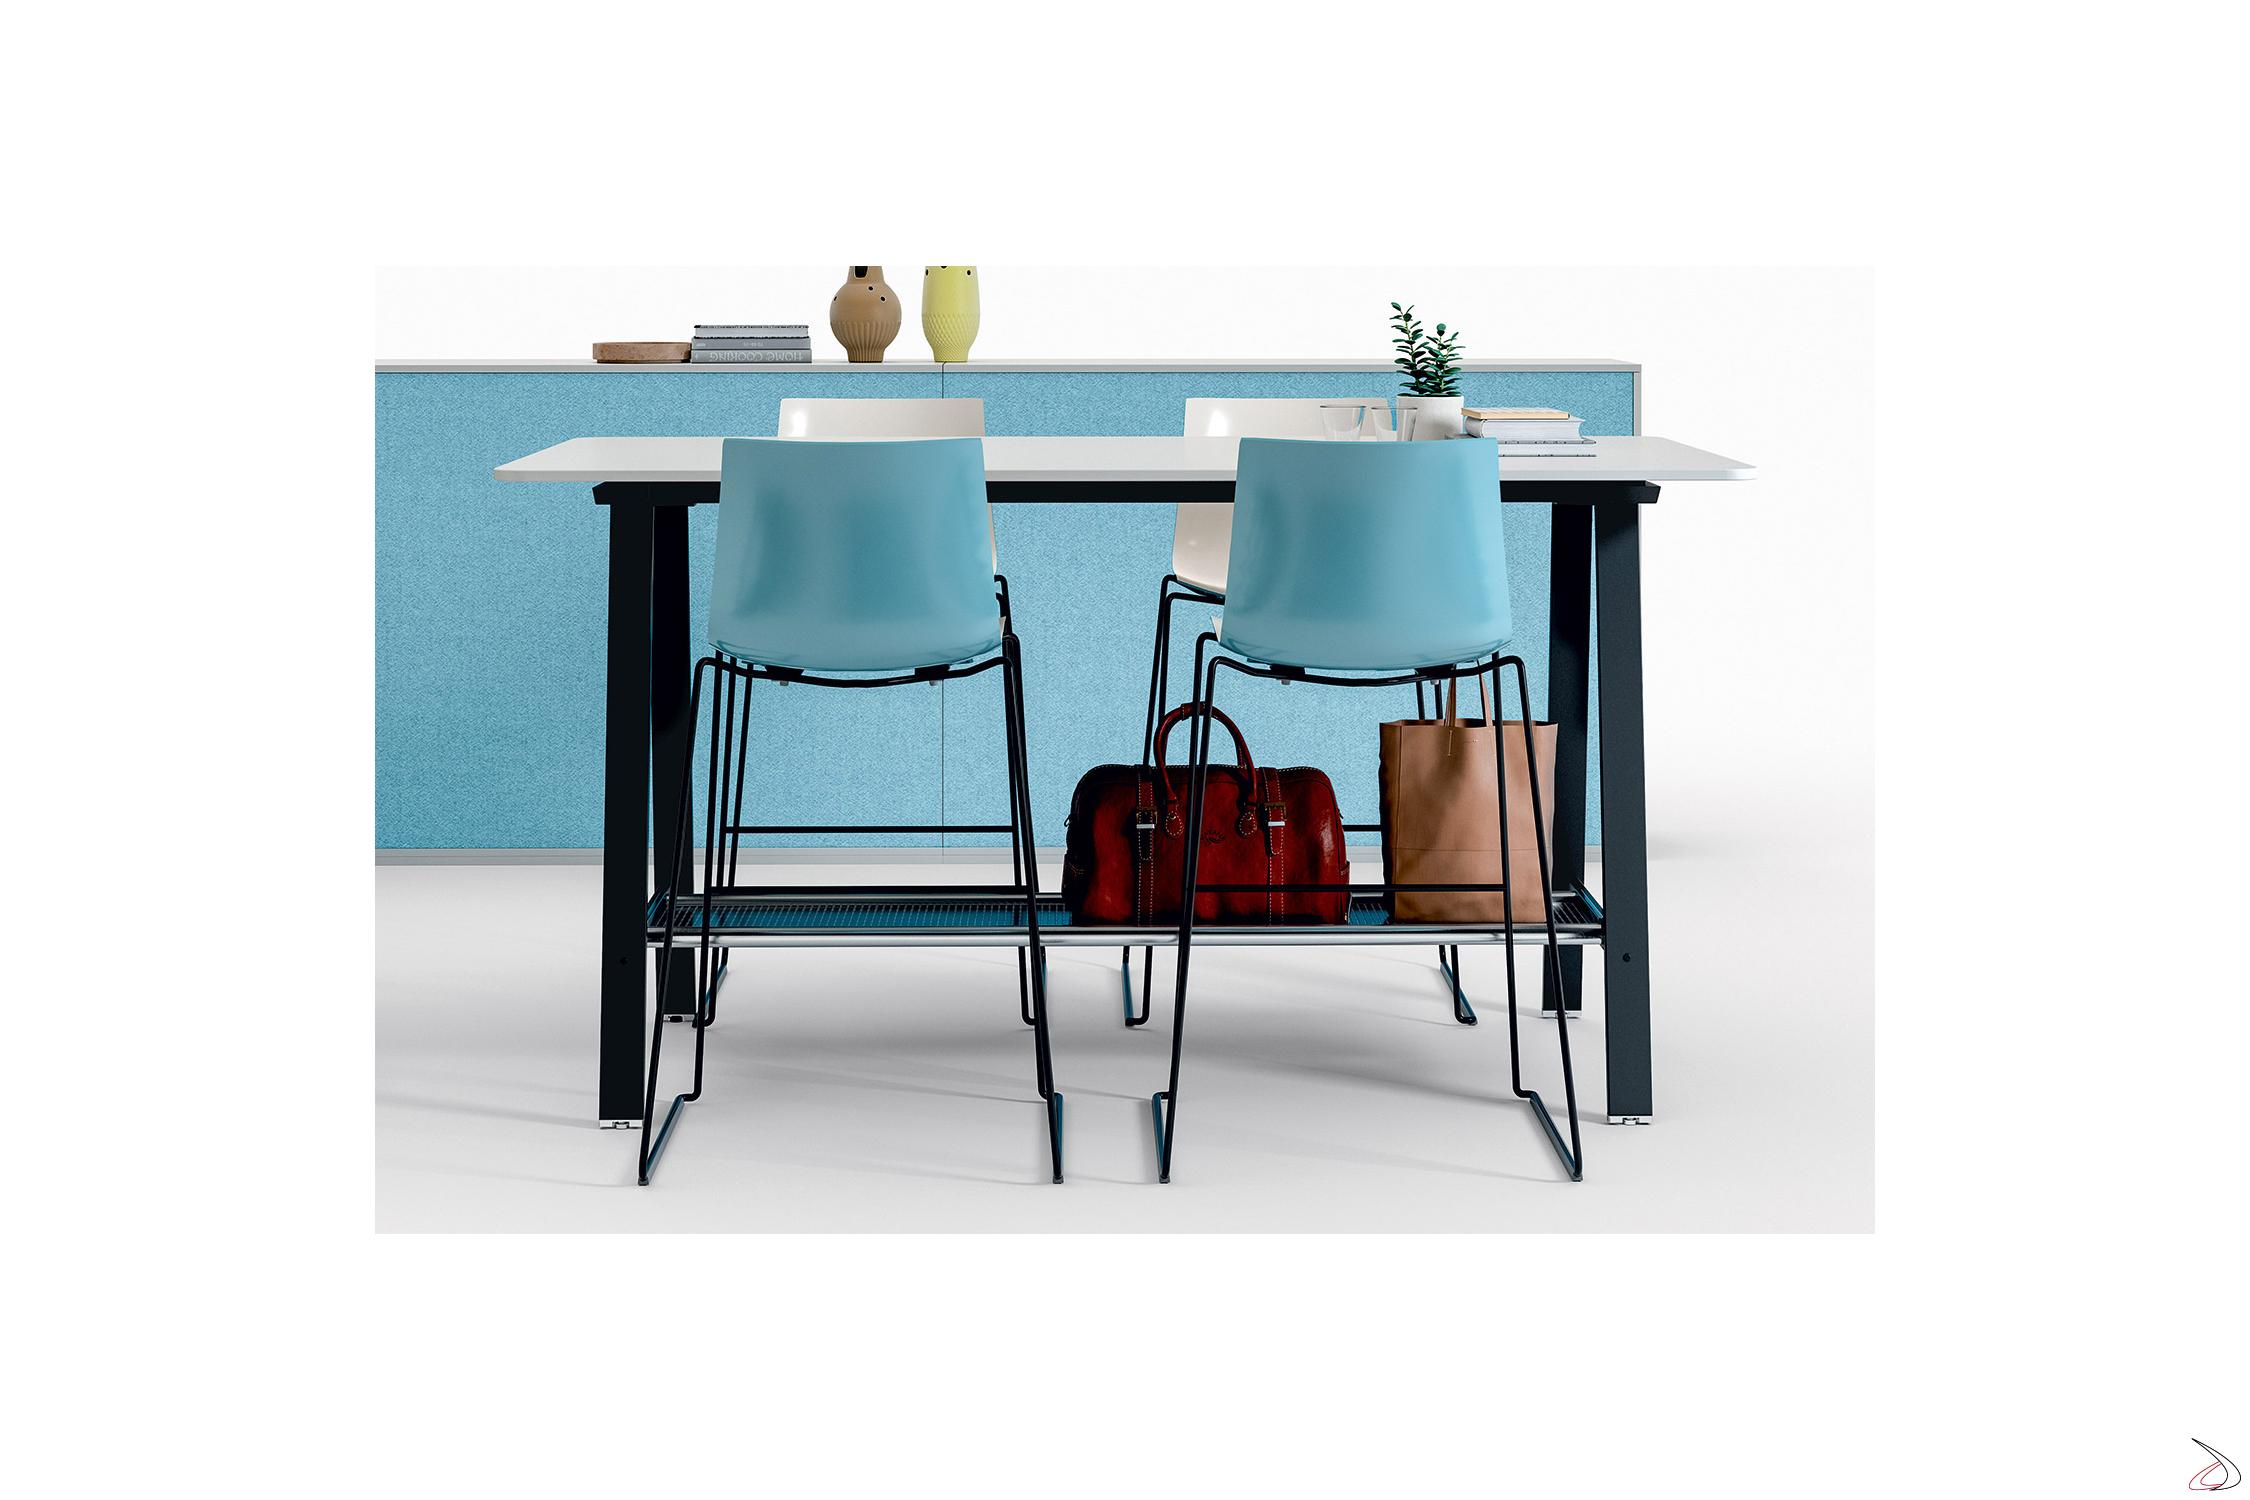 Tavolo alto ufficio per disegnatore Atom | TopArredi